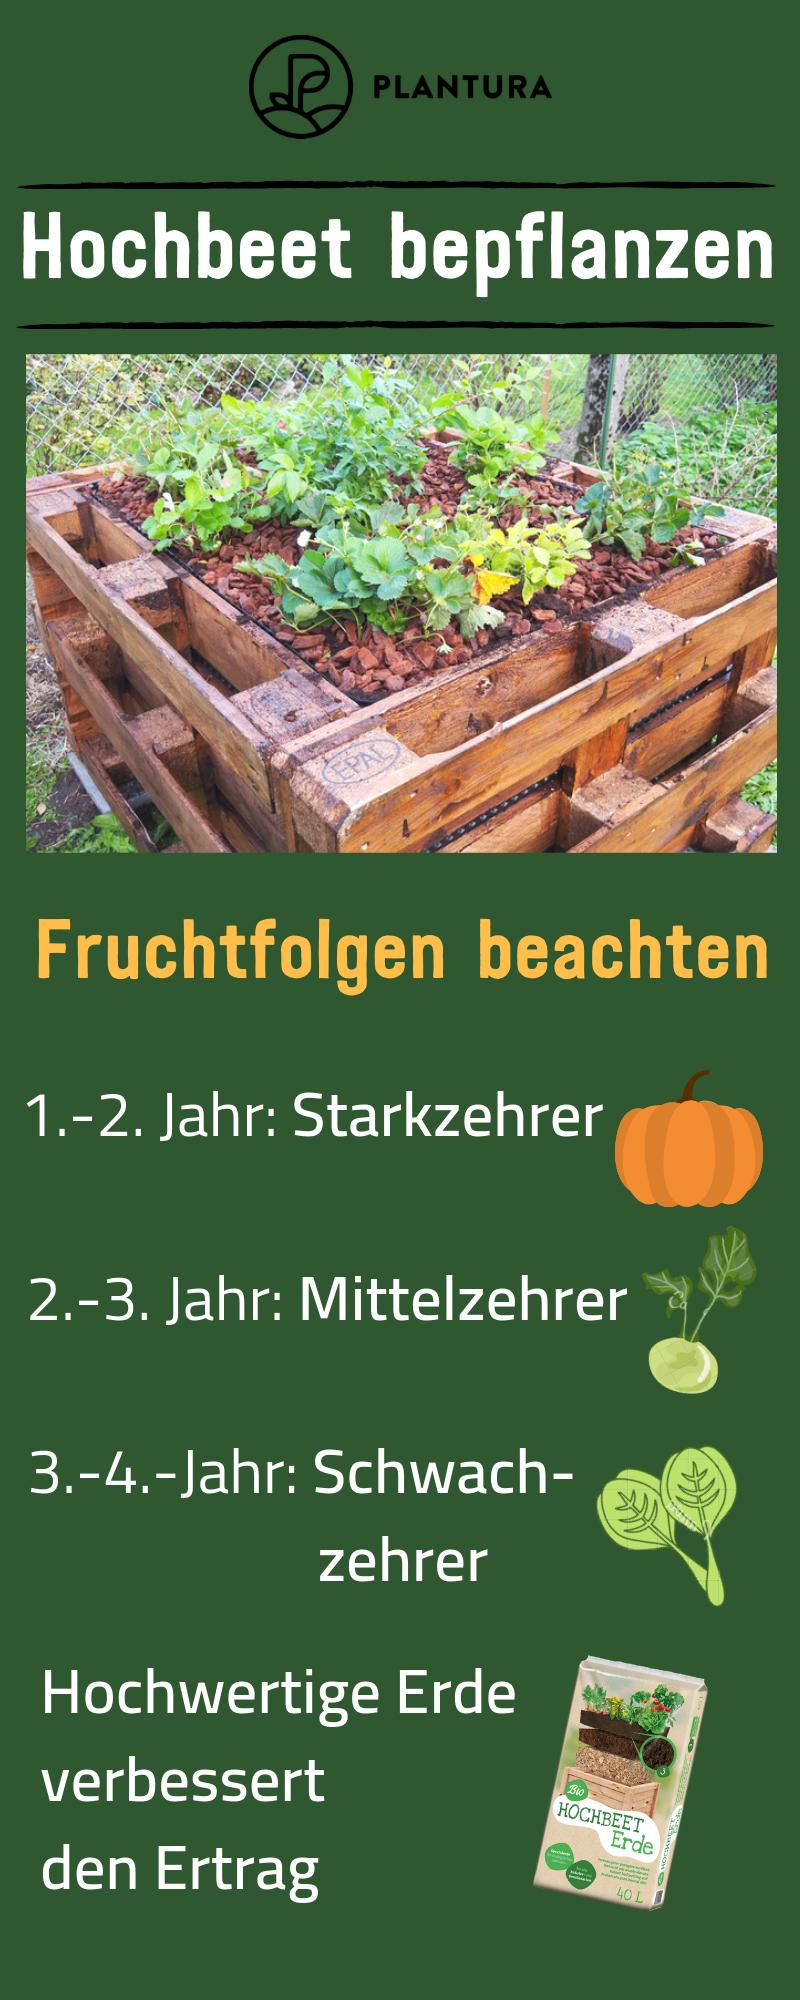 Hochbeet Bepflanzen Pflanzplan Mischkultur Grundungung Der